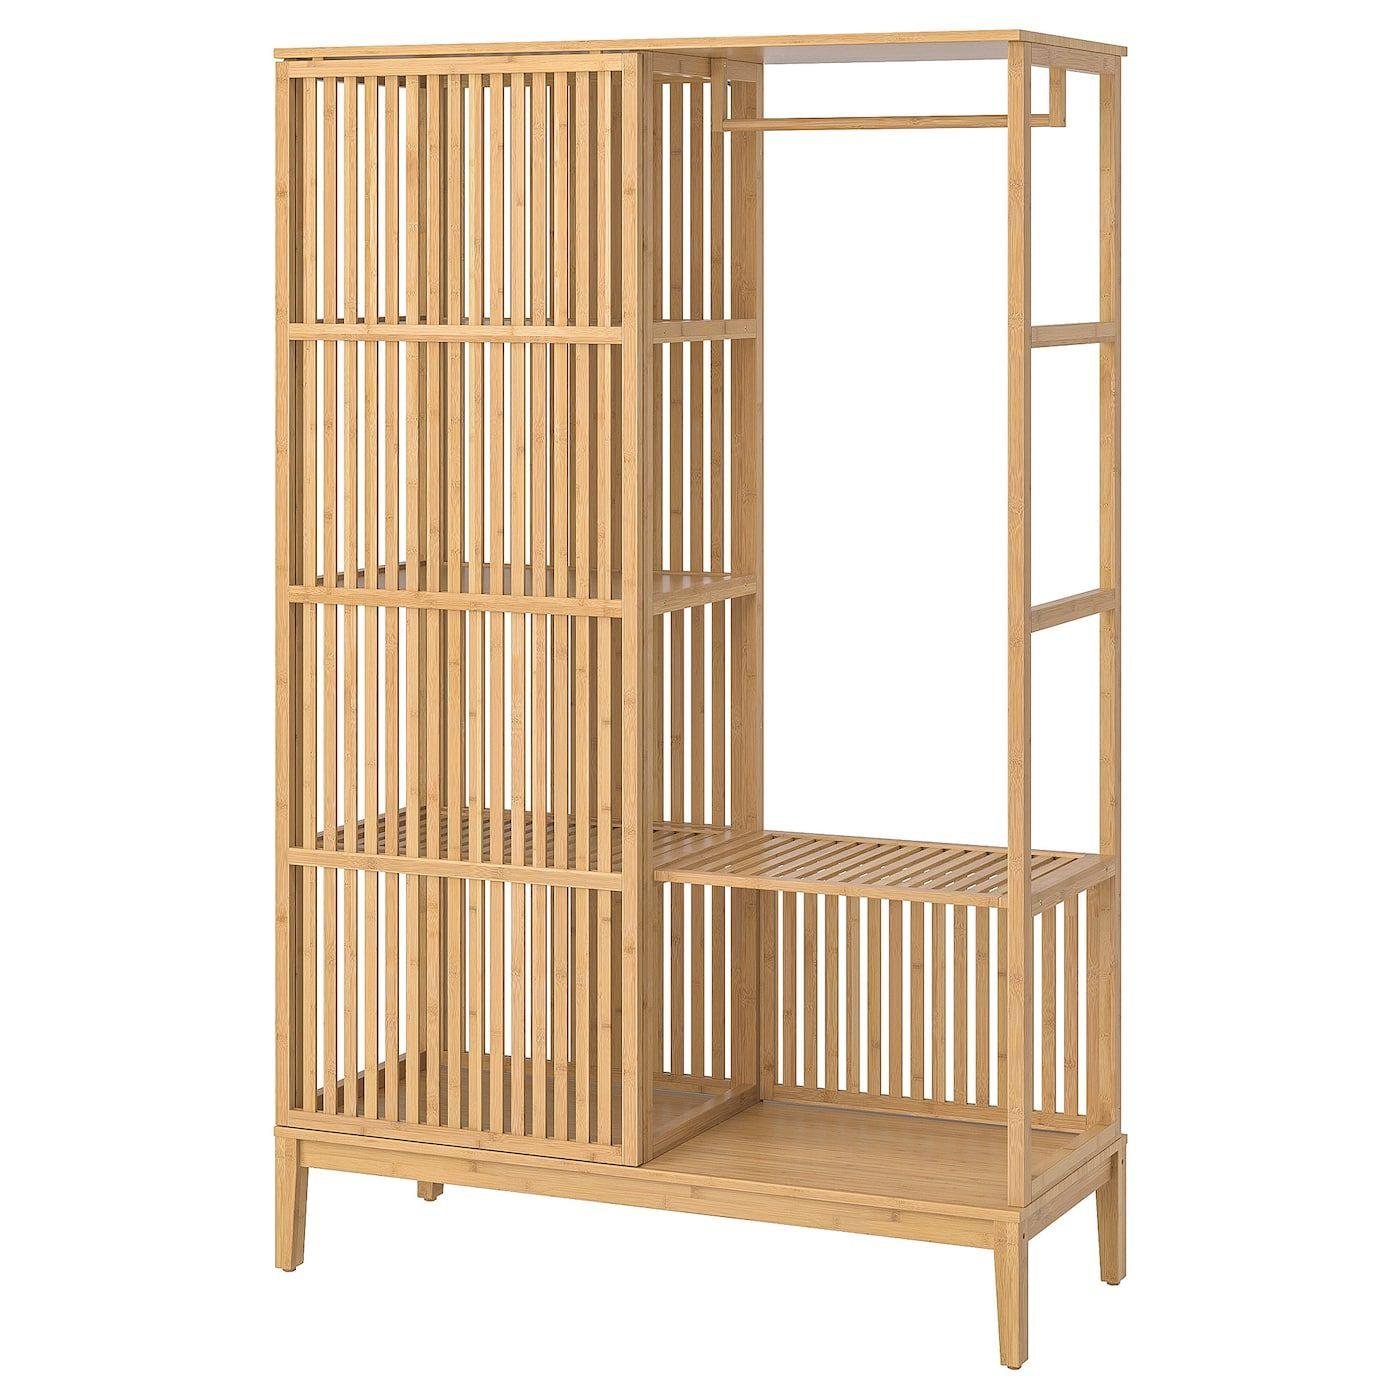 Nordkisa Open Wardrobe With Sliding Door Bamboo Width 47 1 4 Height 73 1 4 Find It Here Ikea Sliding Wardrobe Doors Open Wardrobe Bedroom Furniture